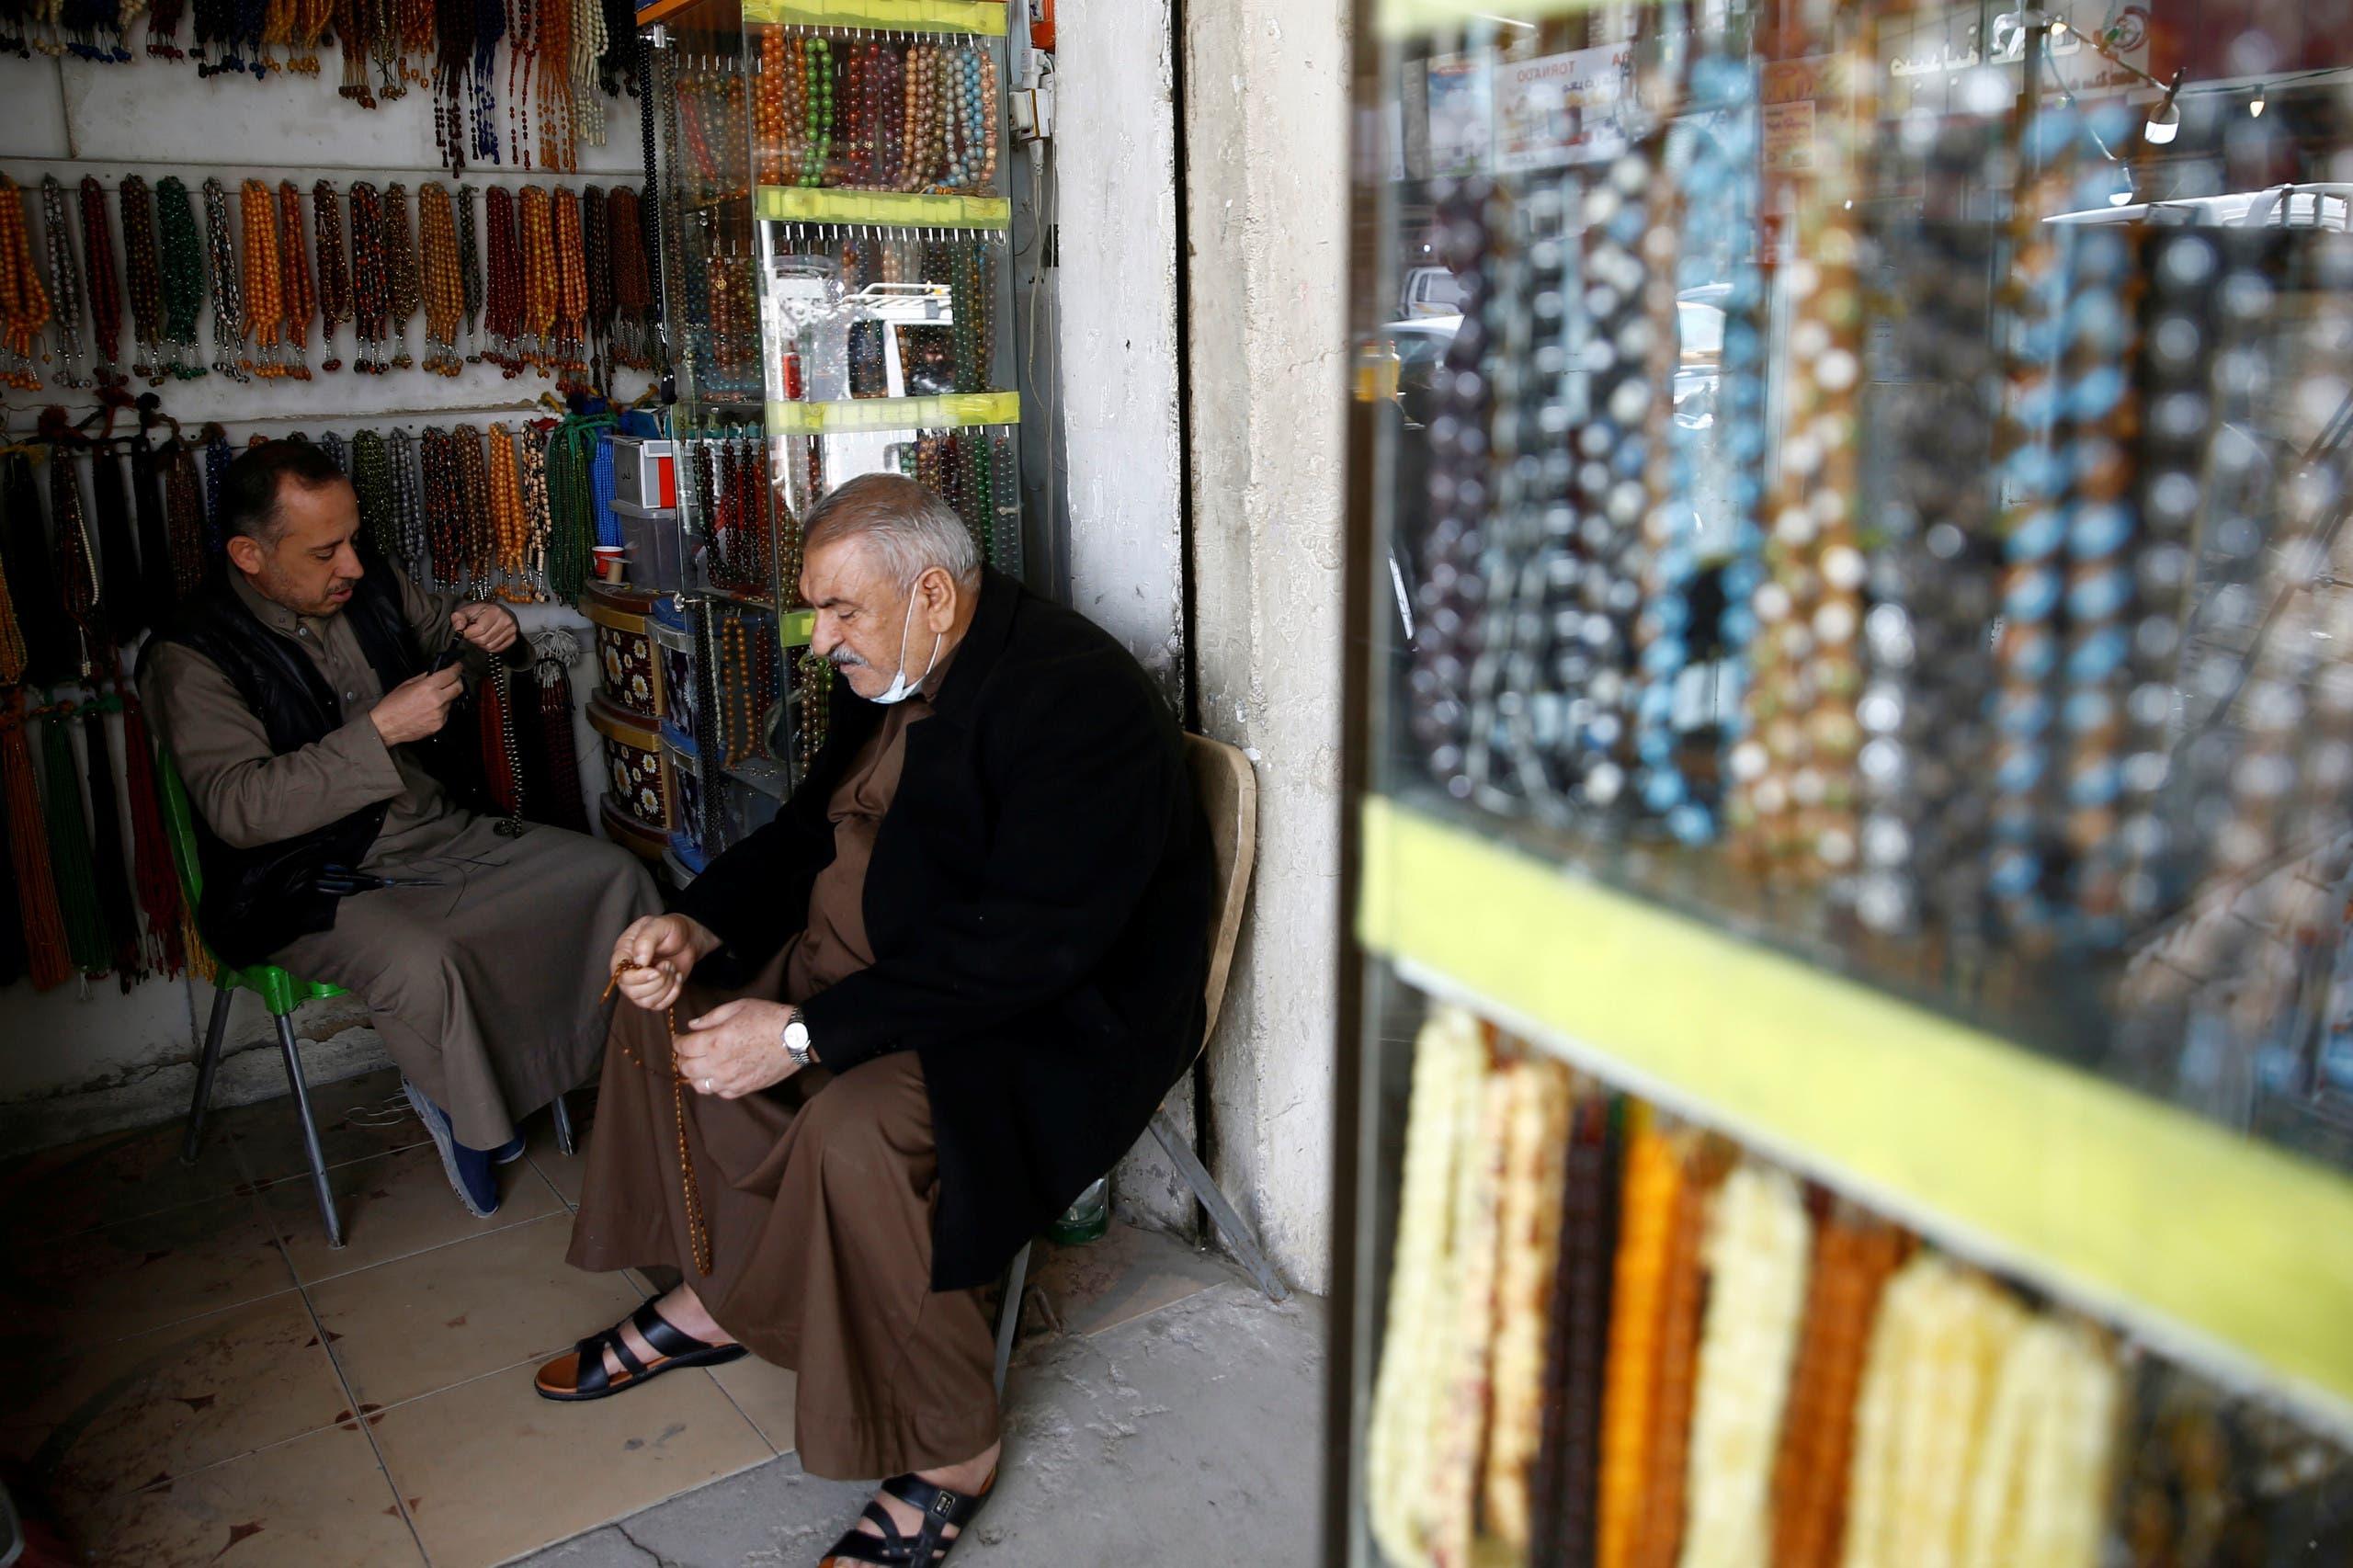 An Iraqi man sells rosaries at a shop in Fallujah, Iraq February 3, 2021. (Reuters)